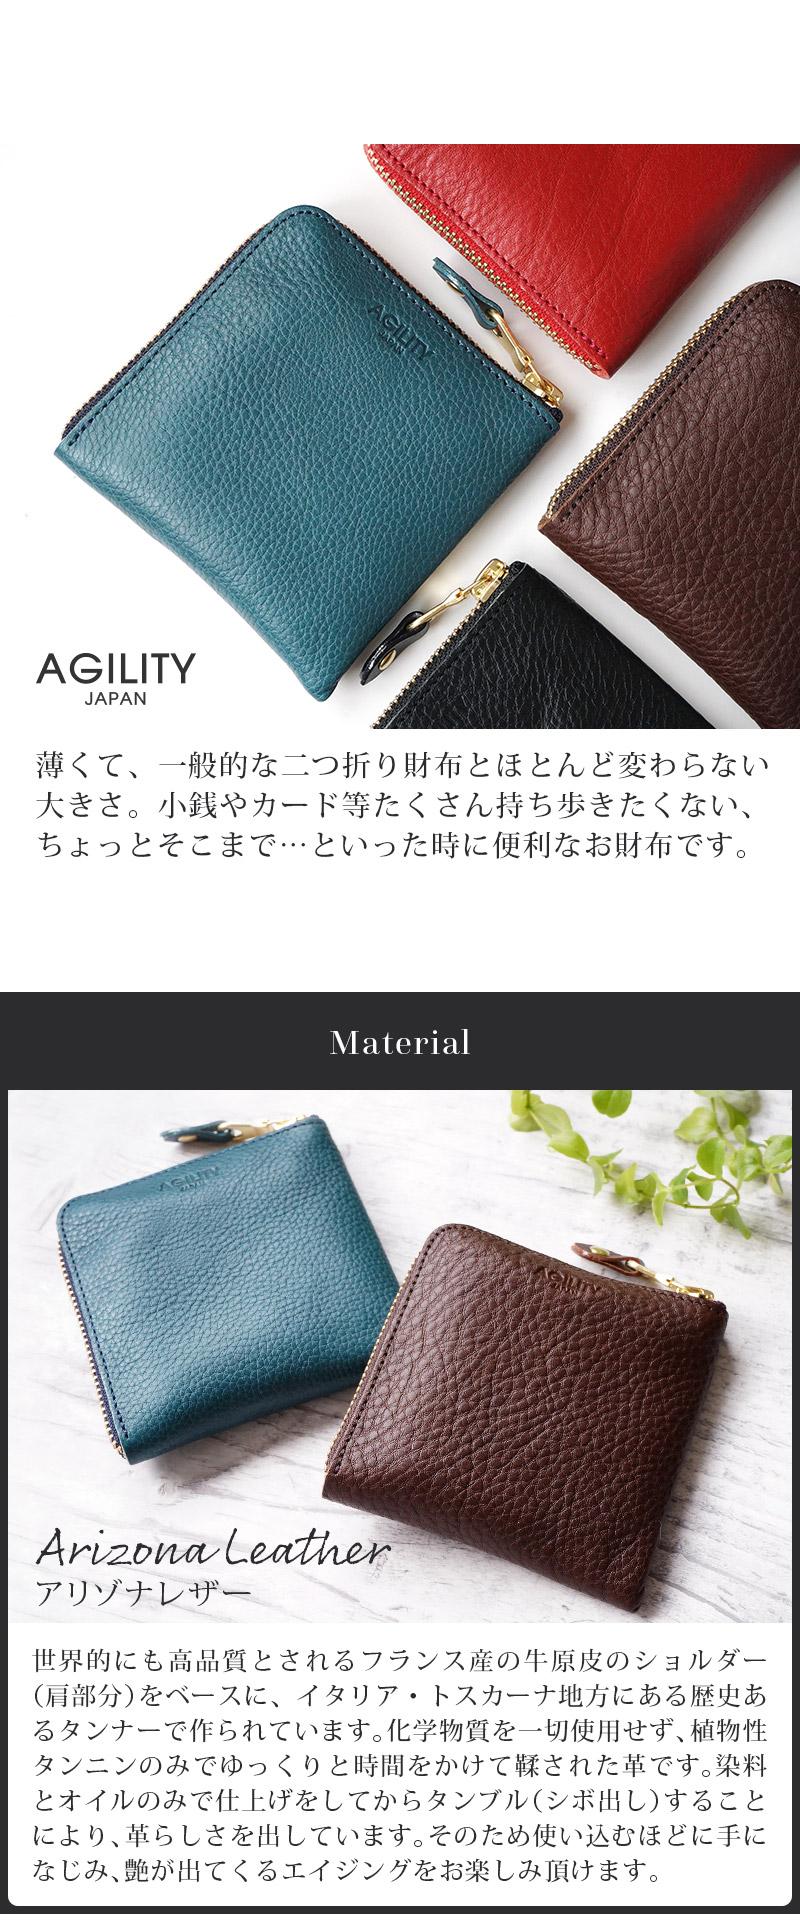 薄くて、一般的な二つ折り財布とほとんど変わらないサイズ感。たくさん持ち歩きたくない、ちょっとそこまで…といった時に便利です。